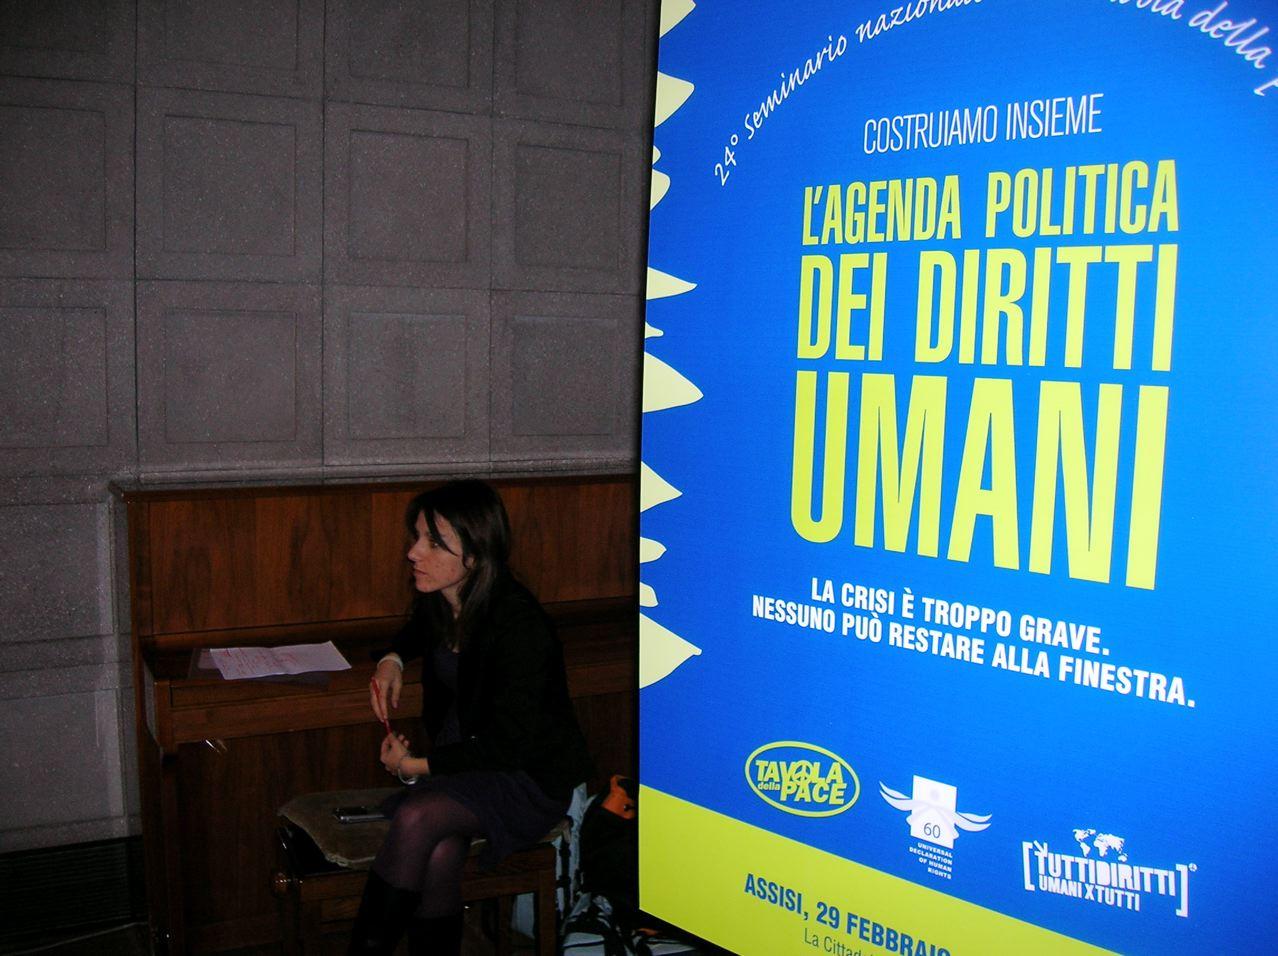 La nostra agenda è l'agenda politica dei diritti umani